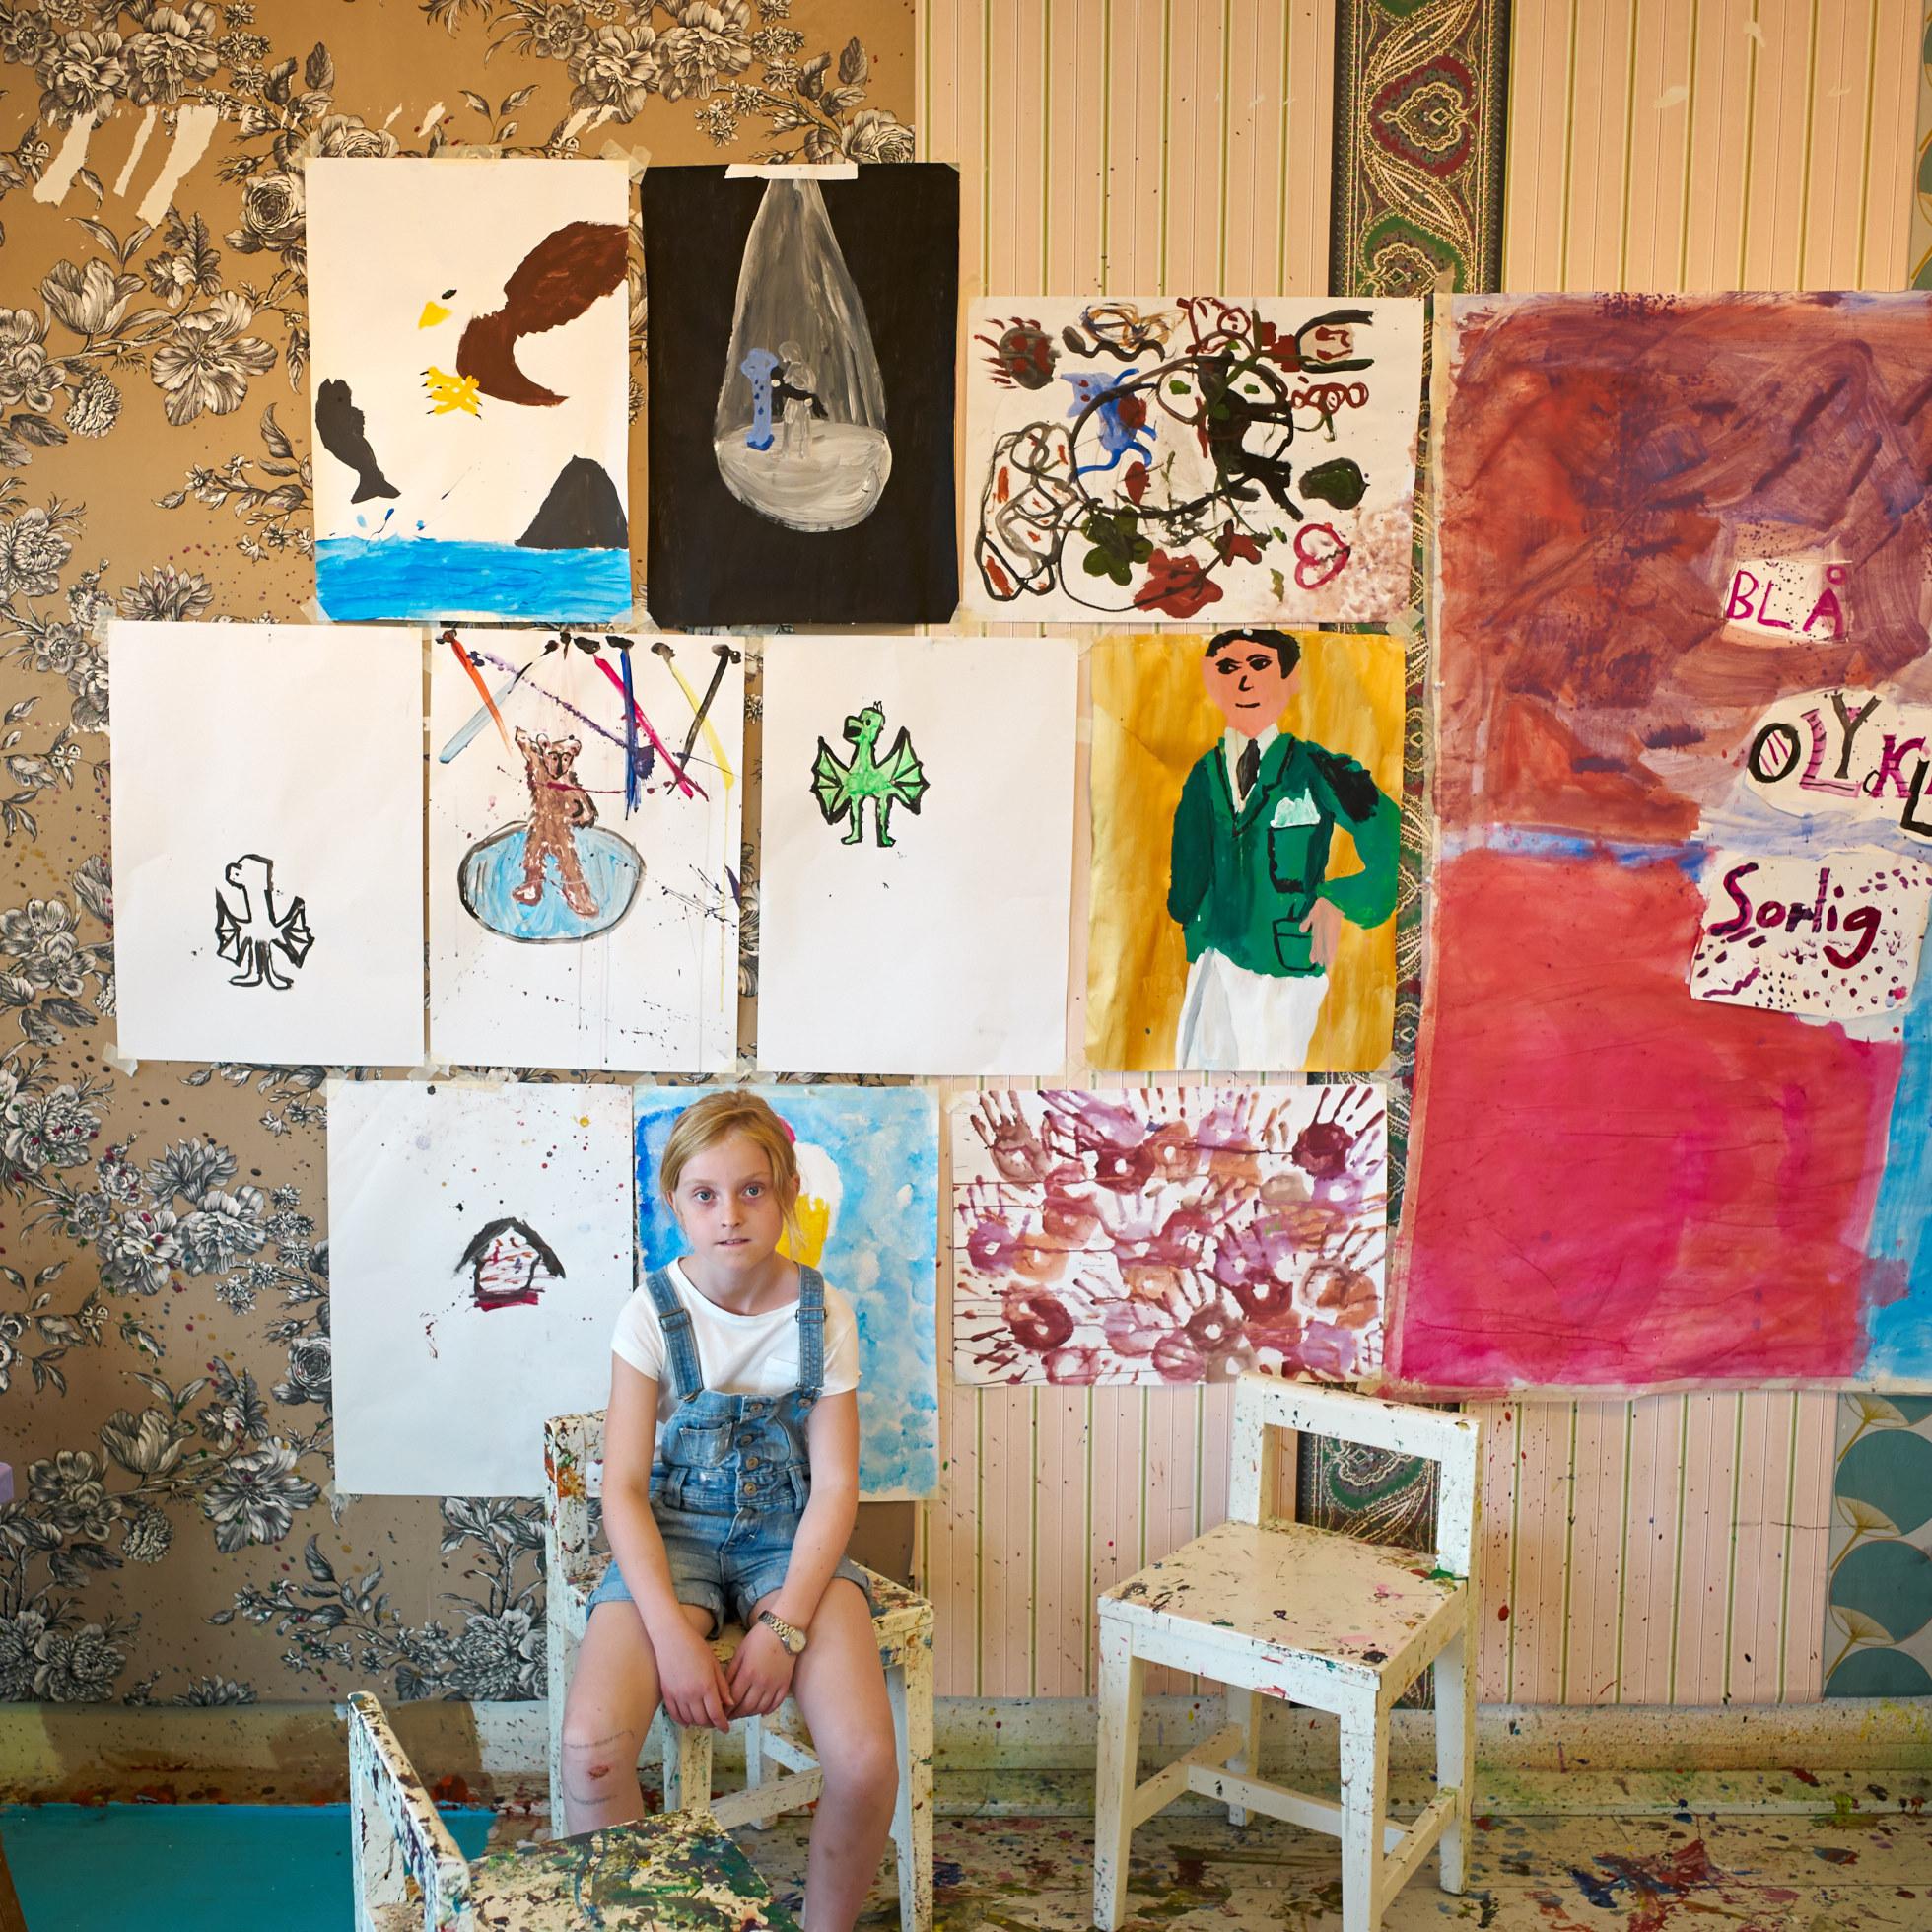 14-08-08_L1006195_konstkurs-och-fargfabriken